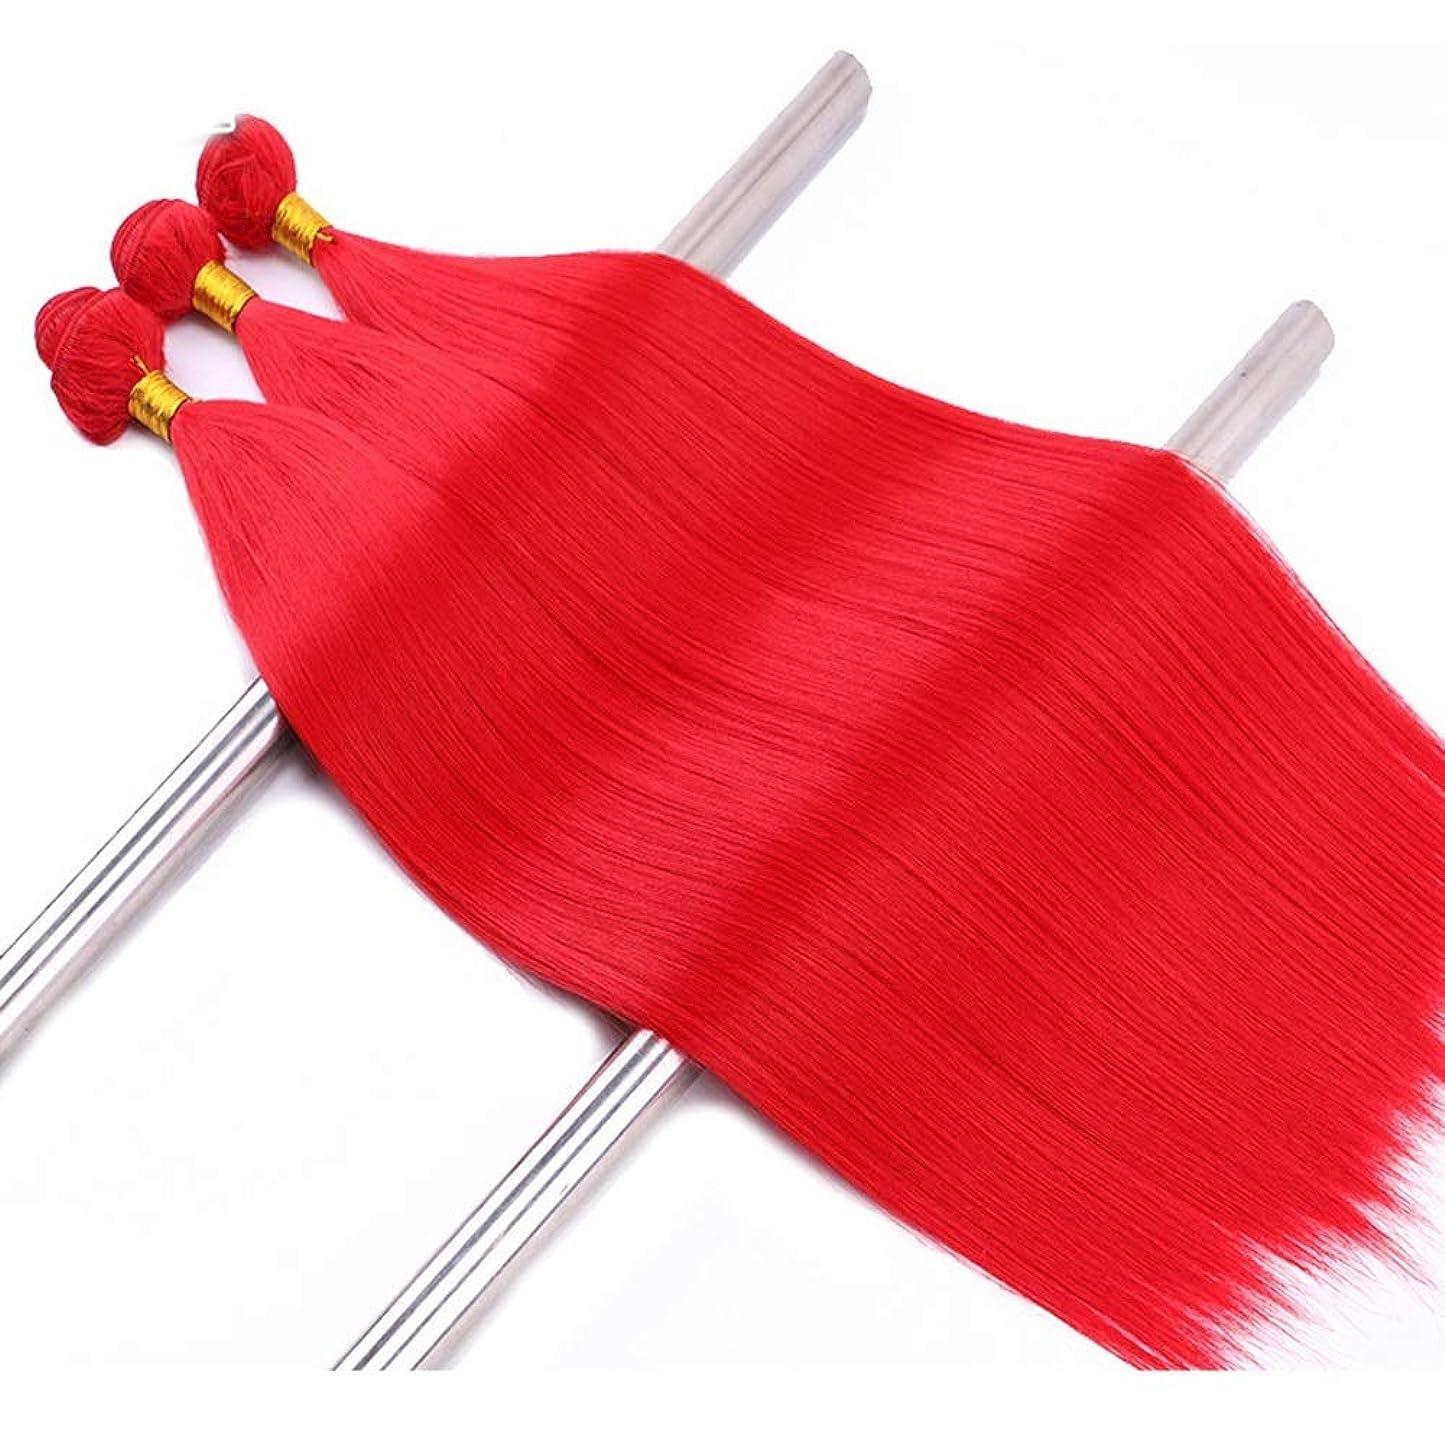 軽減する散歩マイクロフォンHOHYLLYA レディース赤ストレートヘアカーテン耐熱繊維人工毛ウィッグウィッグ(3束)パーティーウィッグ (色 : Blonde, サイズ : 22inch)